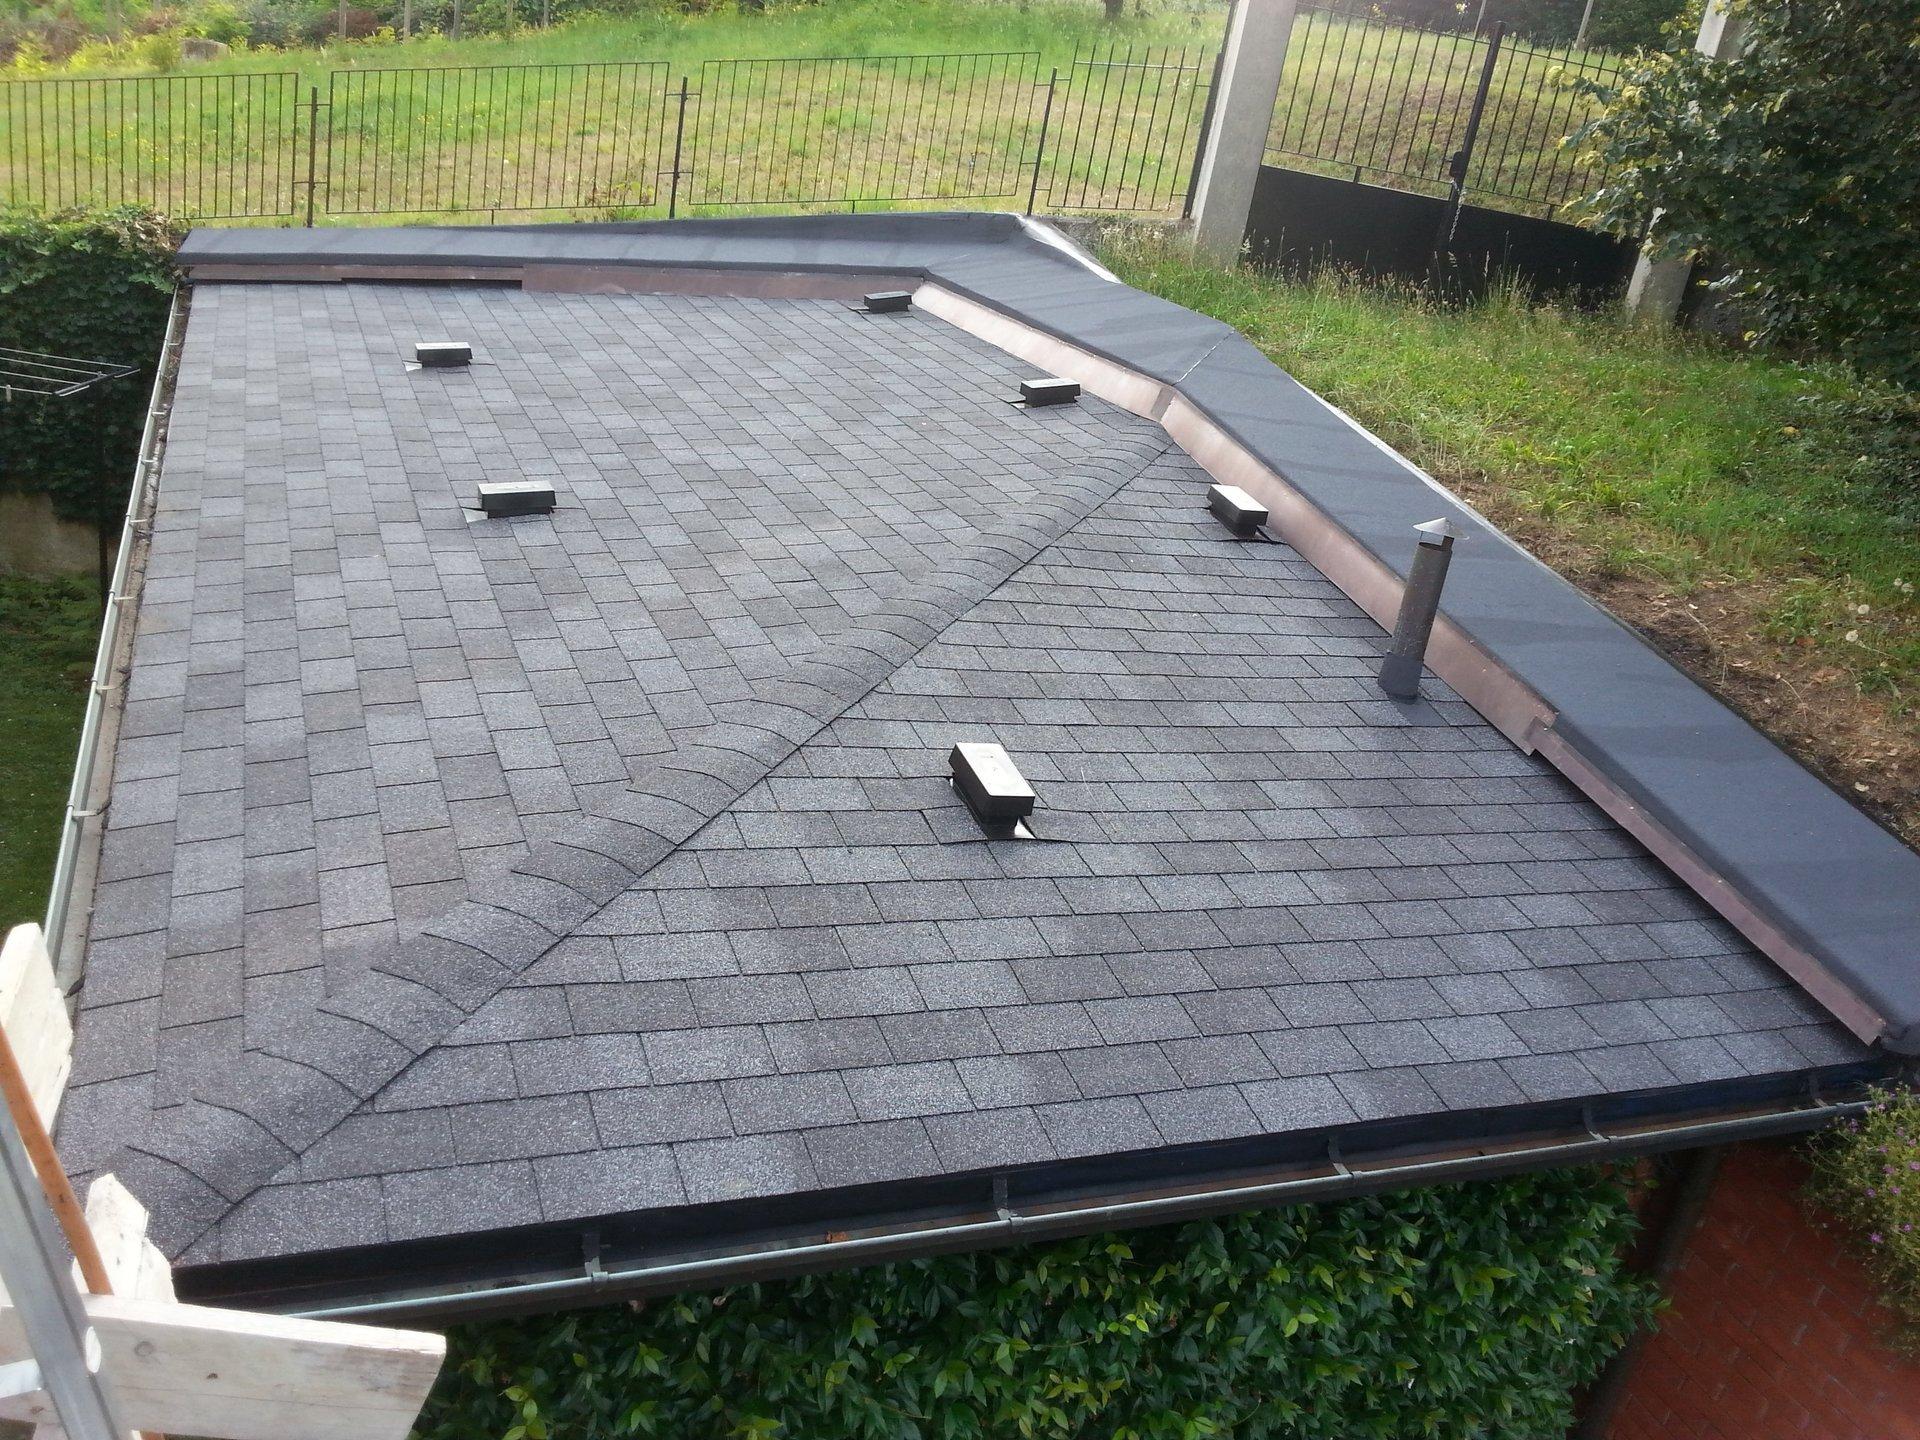 dettaglio di tettoia in mattoni